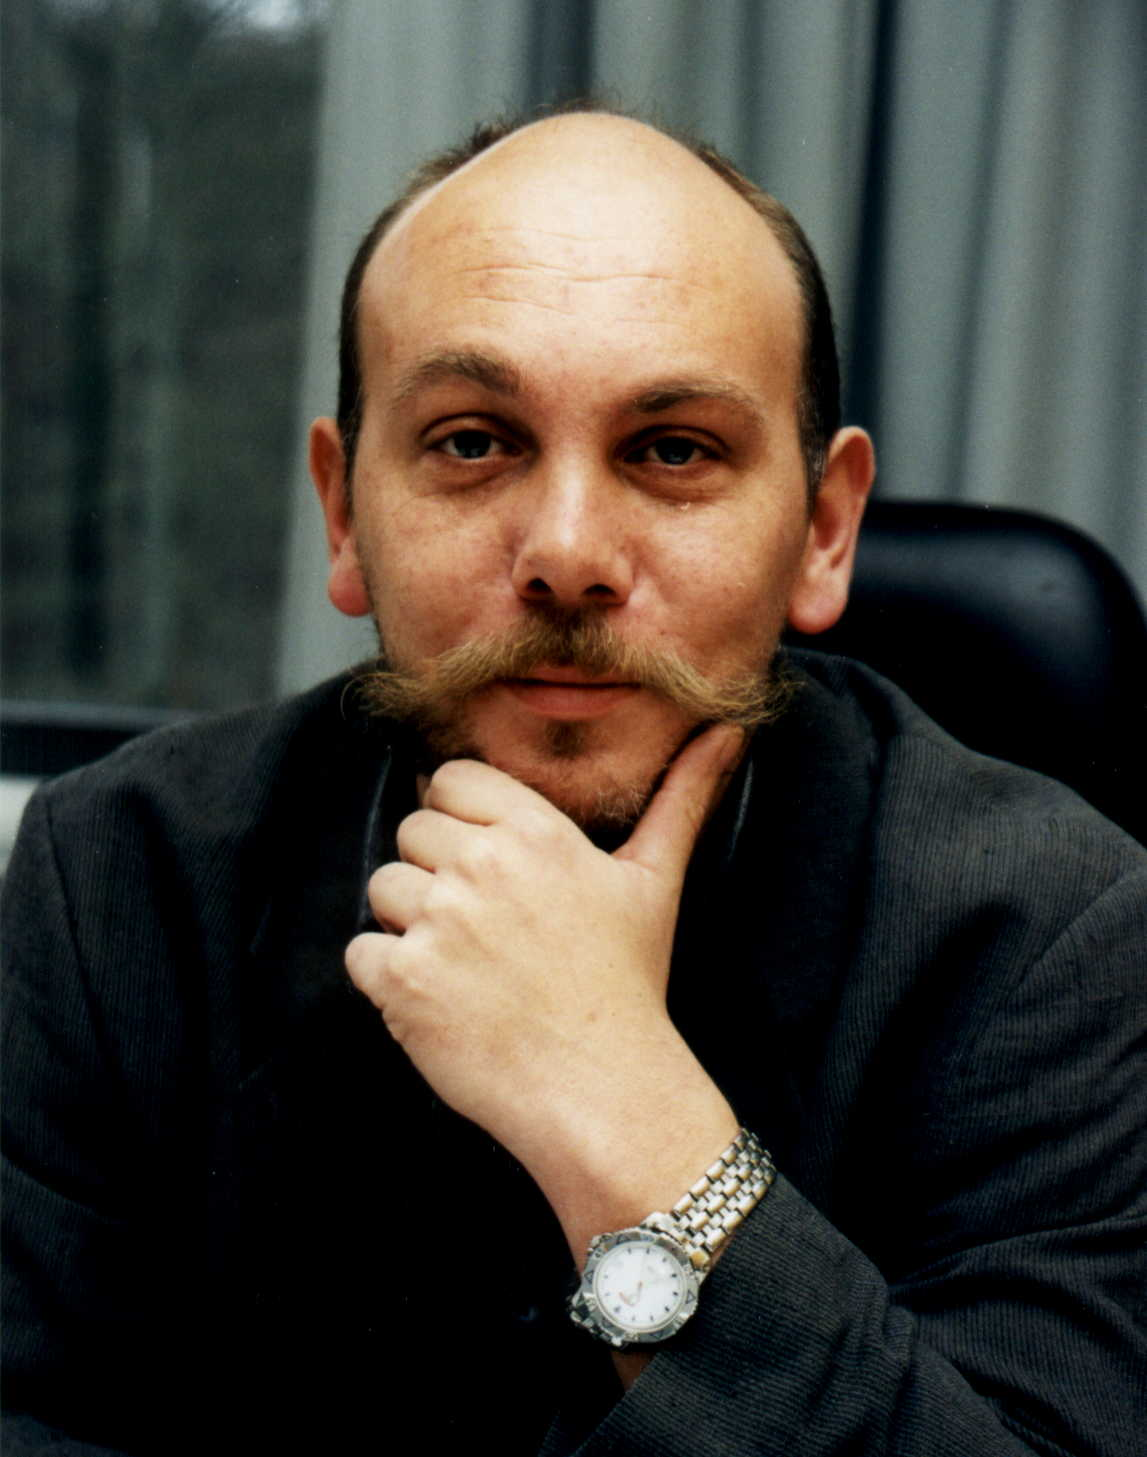 Prof. Fuchs